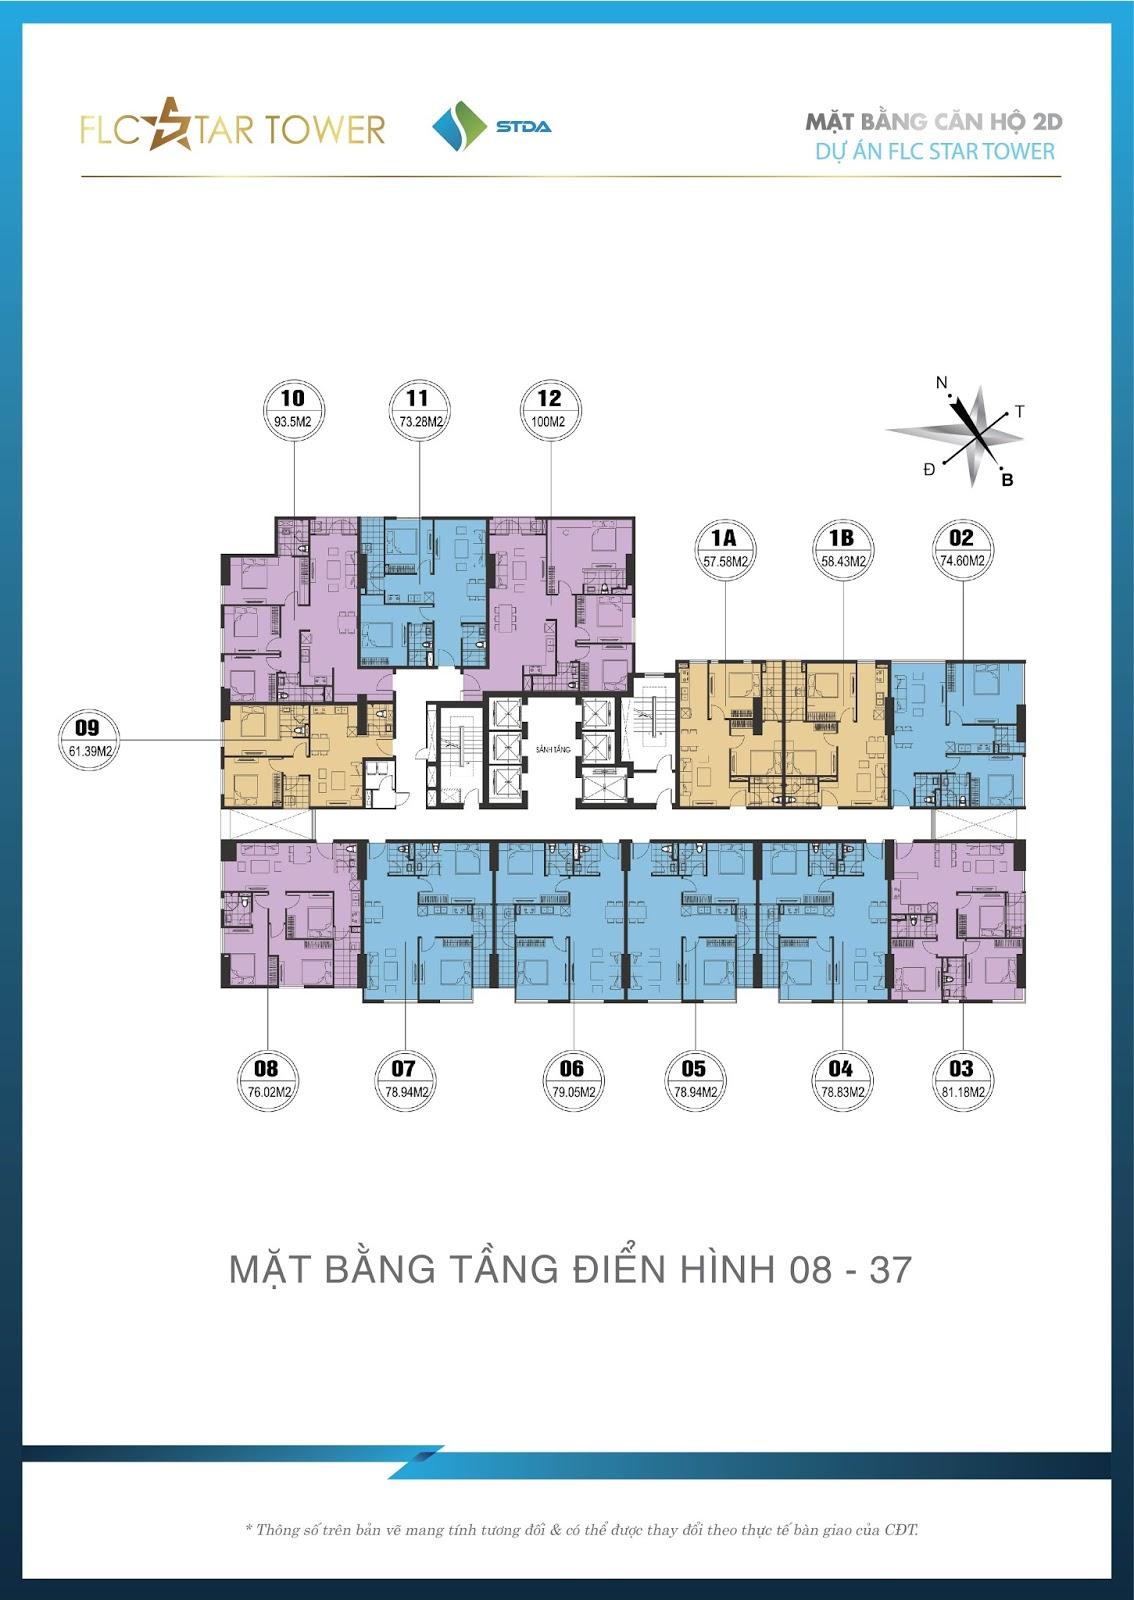 Thiết kế căn hộ FLC Star Tower với 13 căn/tầng